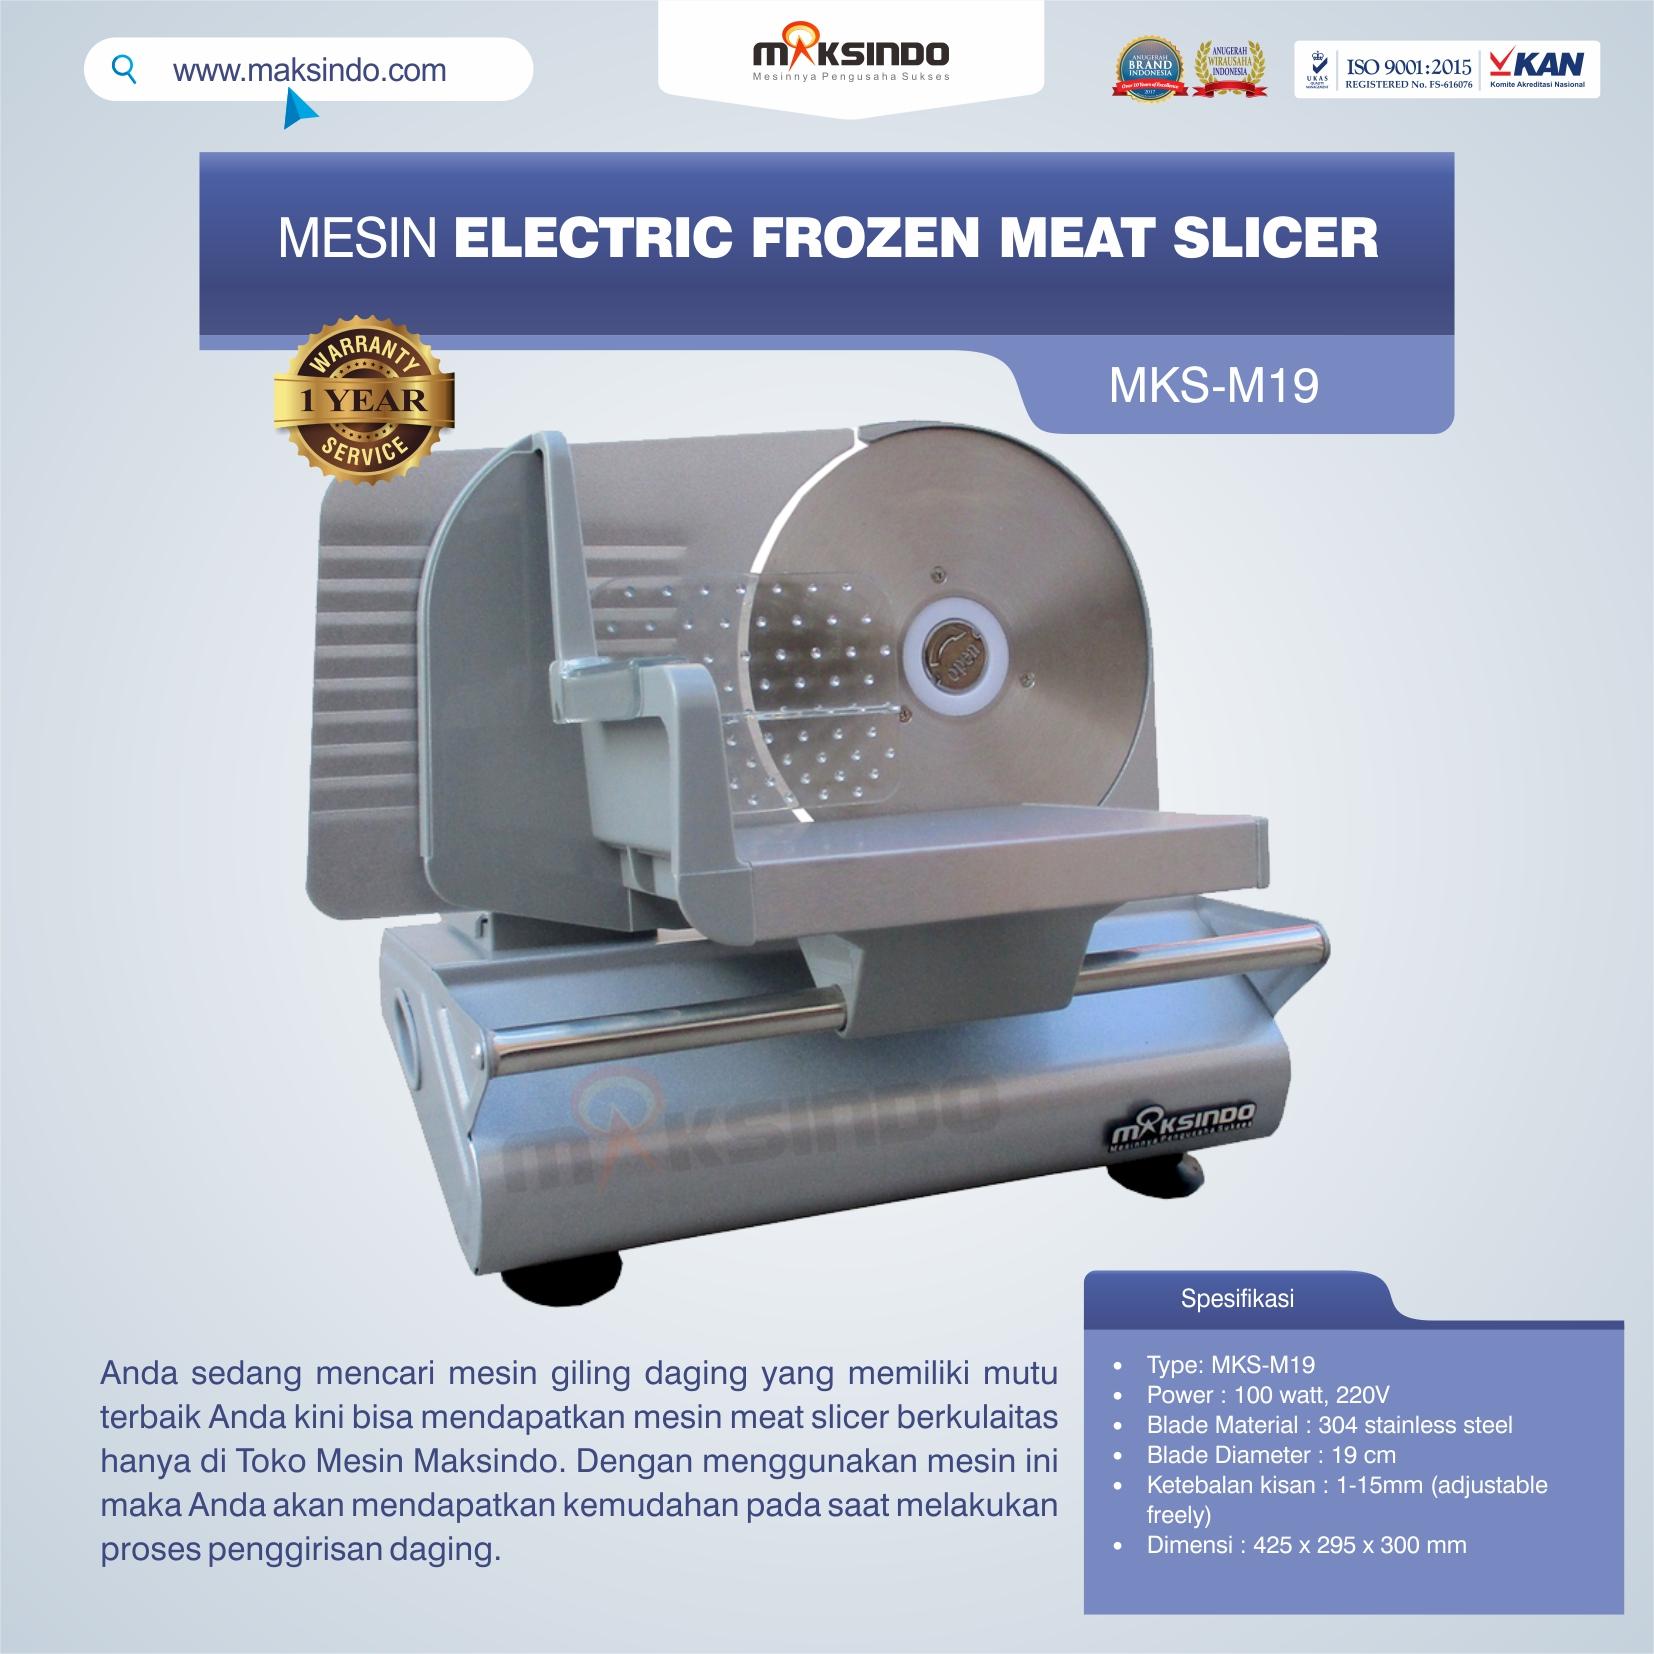 Jual Mesin Electric Frozen Meat Slicer MKS-M19 di Blitar